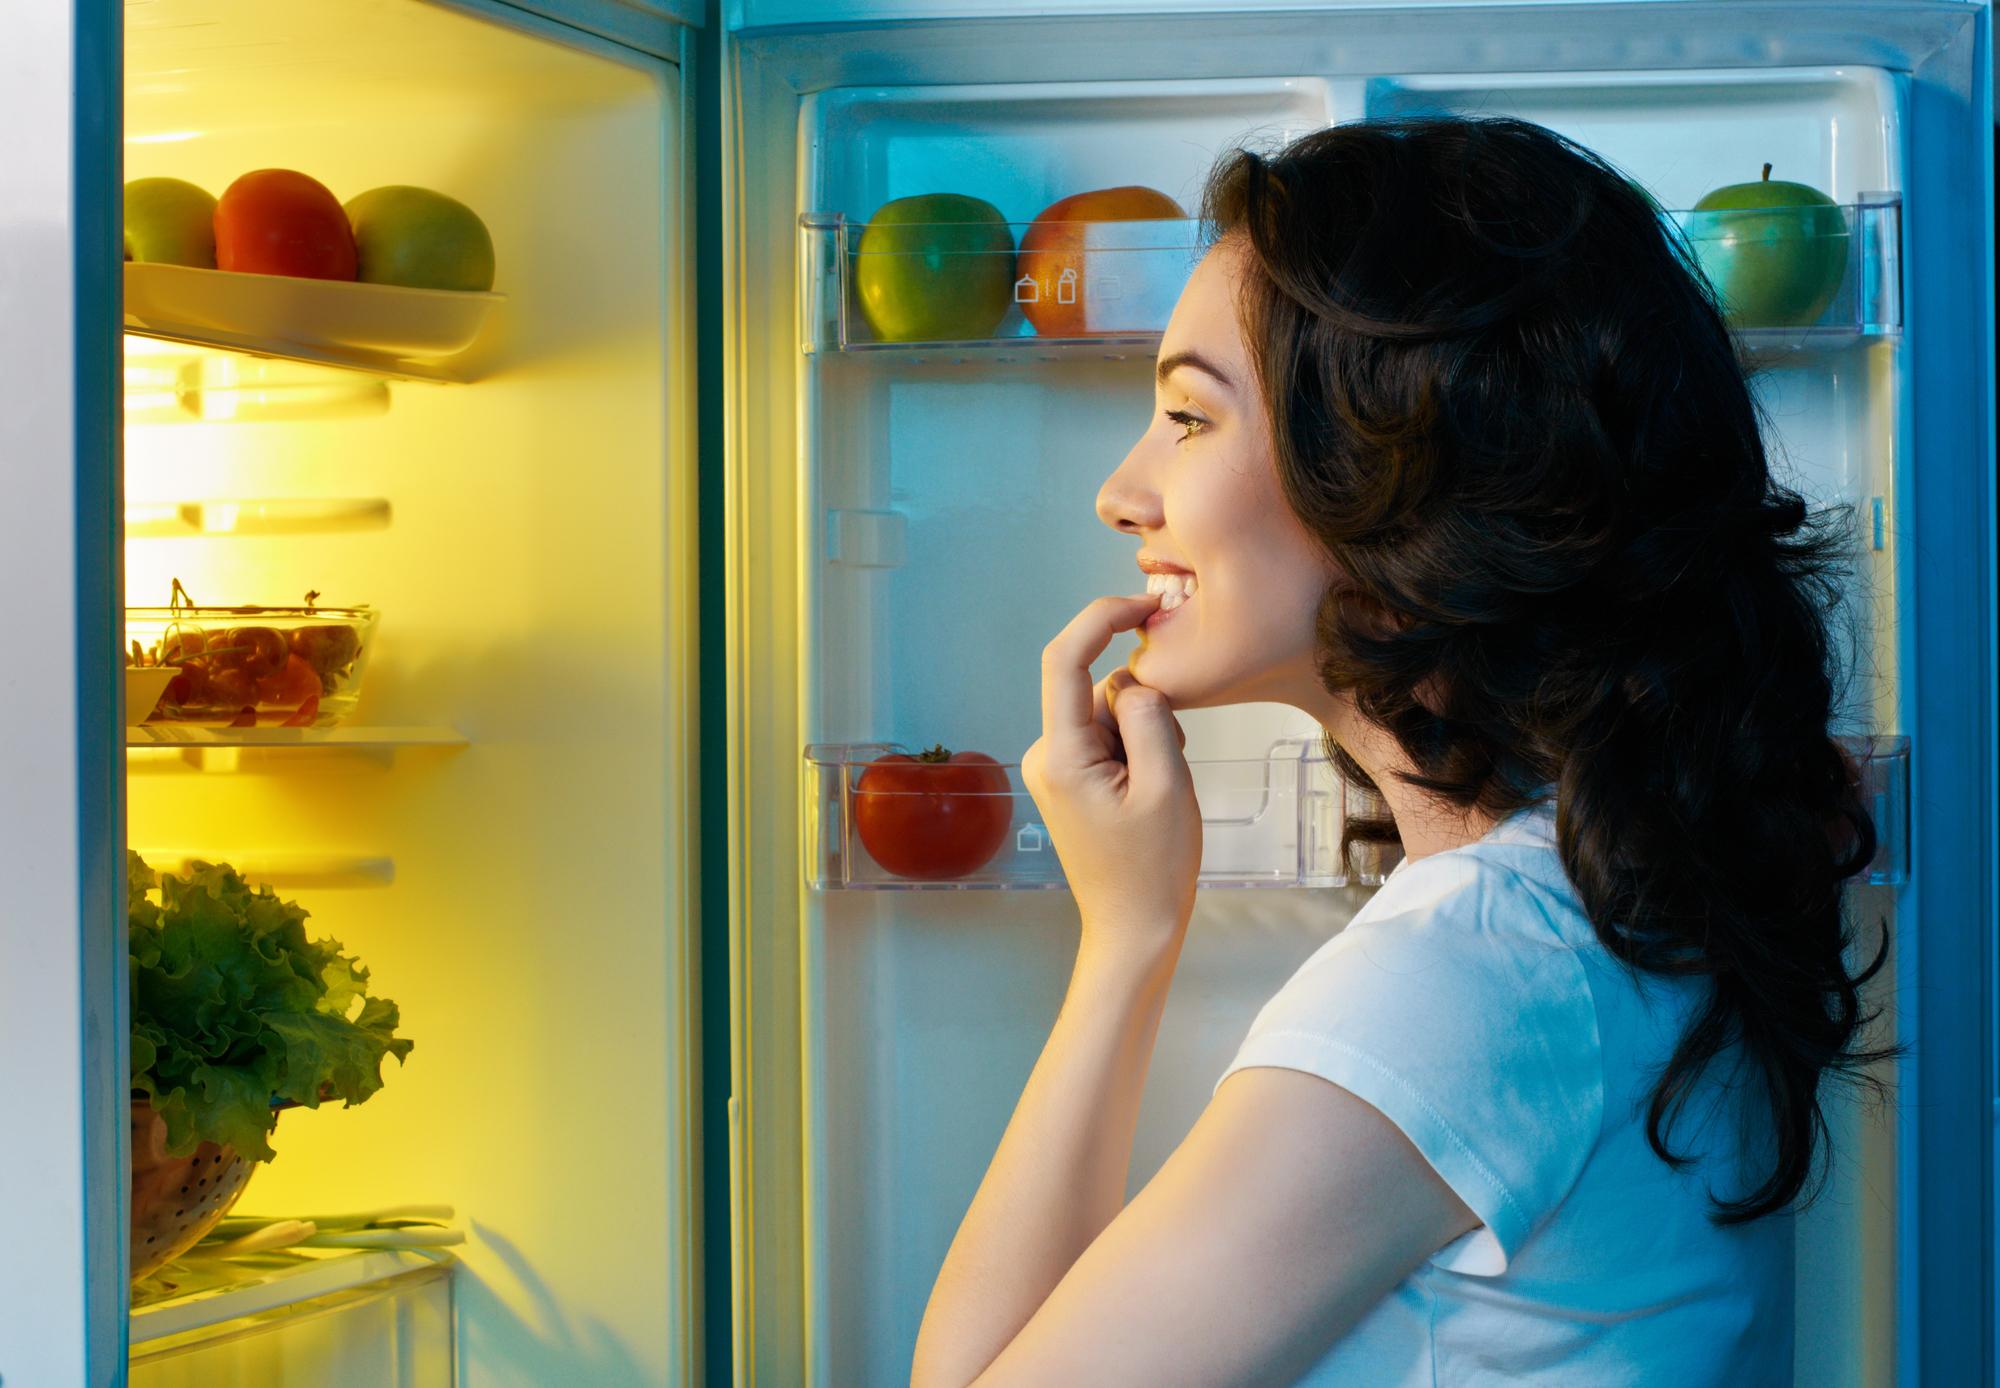 Køleskab tilbud